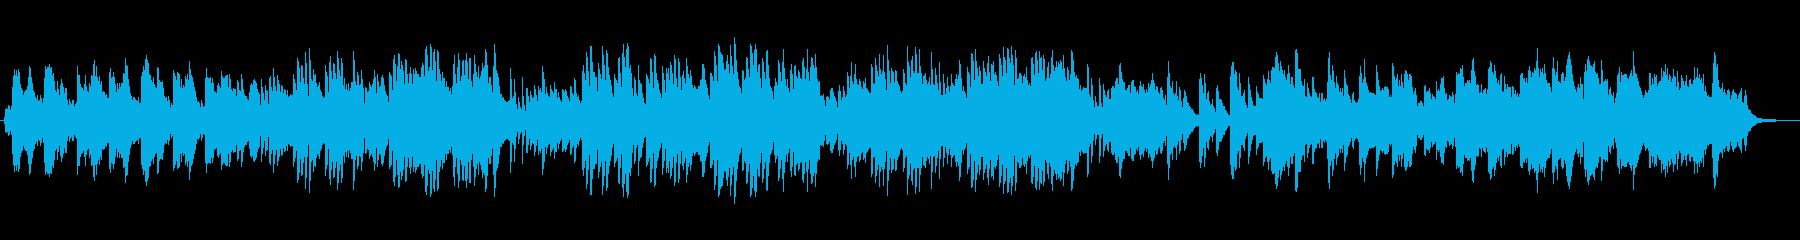 しっとりと寂しげなミュージックの再生済みの波形